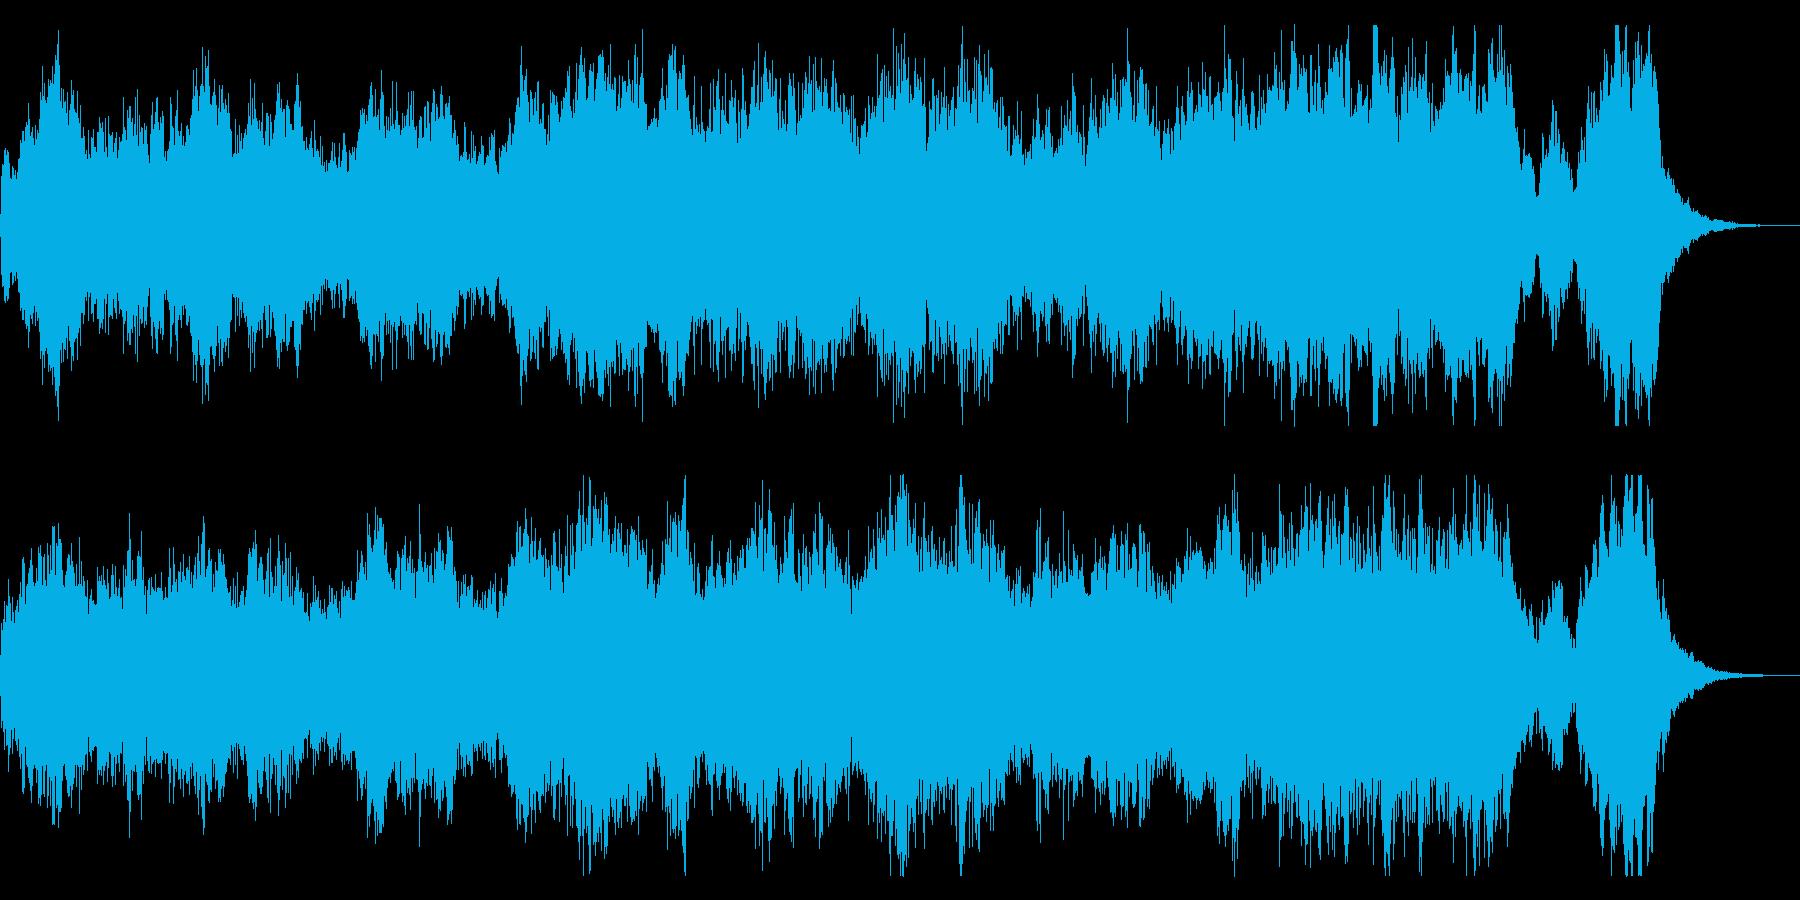 ファンタジーな短めなオーケストラBGM の再生済みの波形